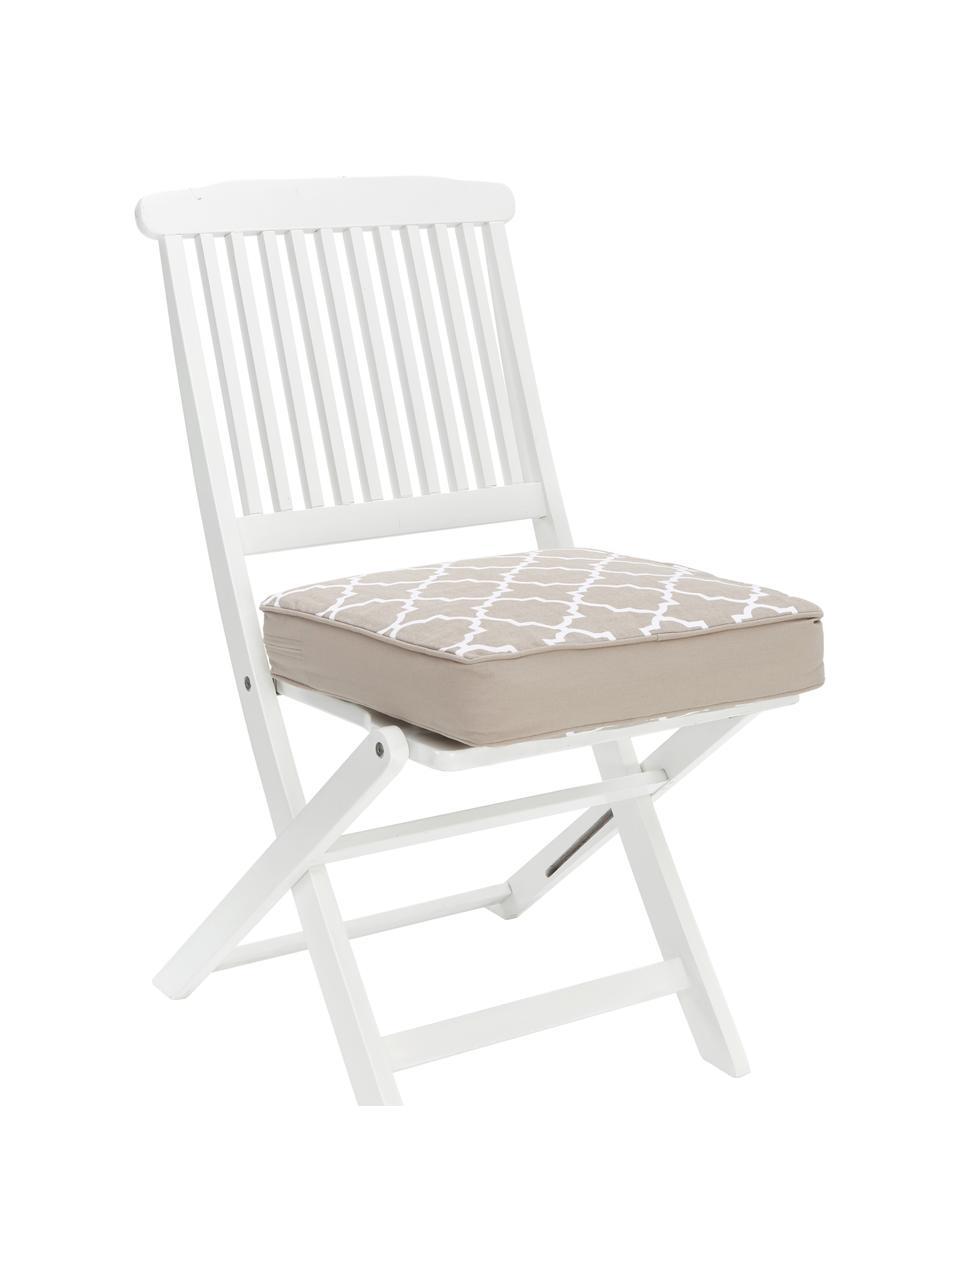 Wysoka poduszka na krzesło Lana, Beżowy, S 40 x D 40 cm